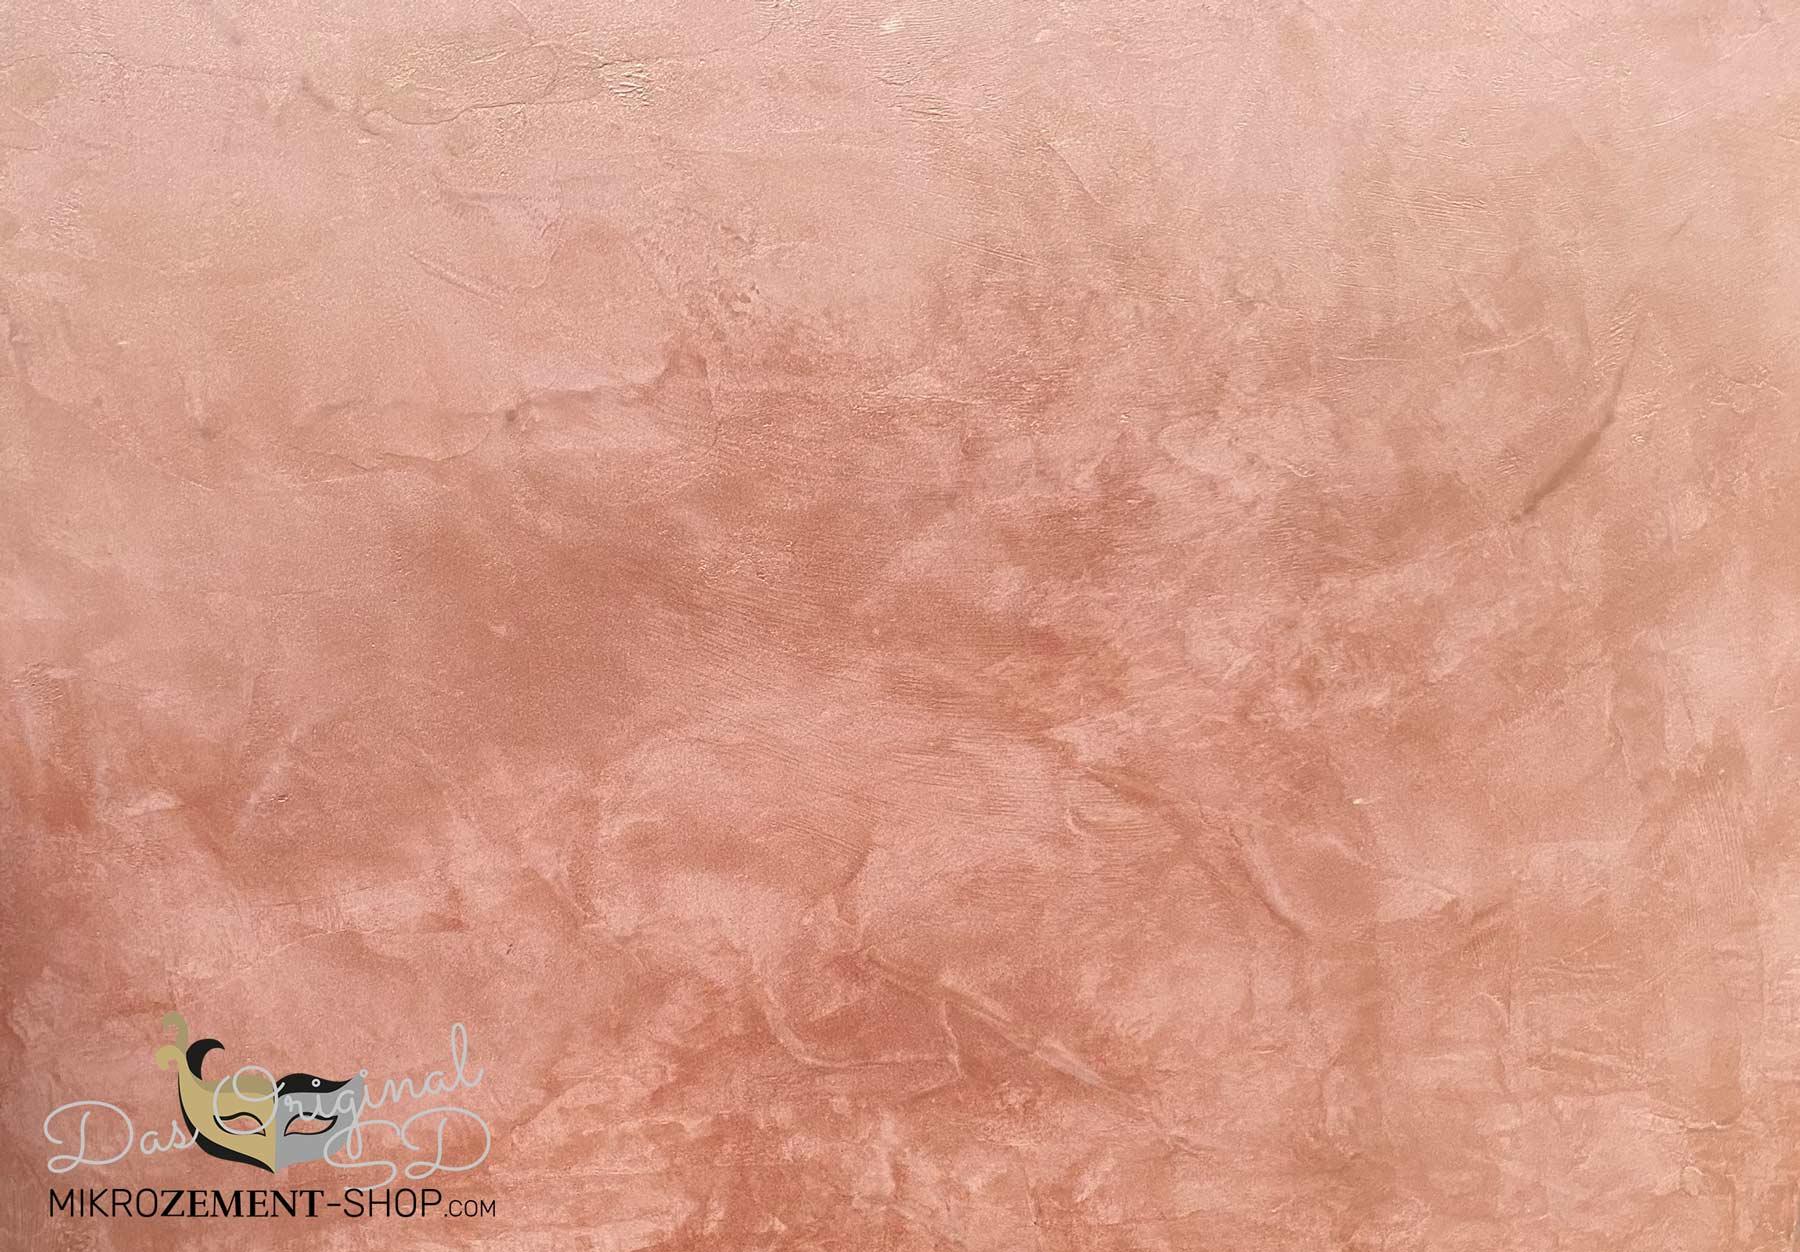 Kupfer Mikrozement Lasur